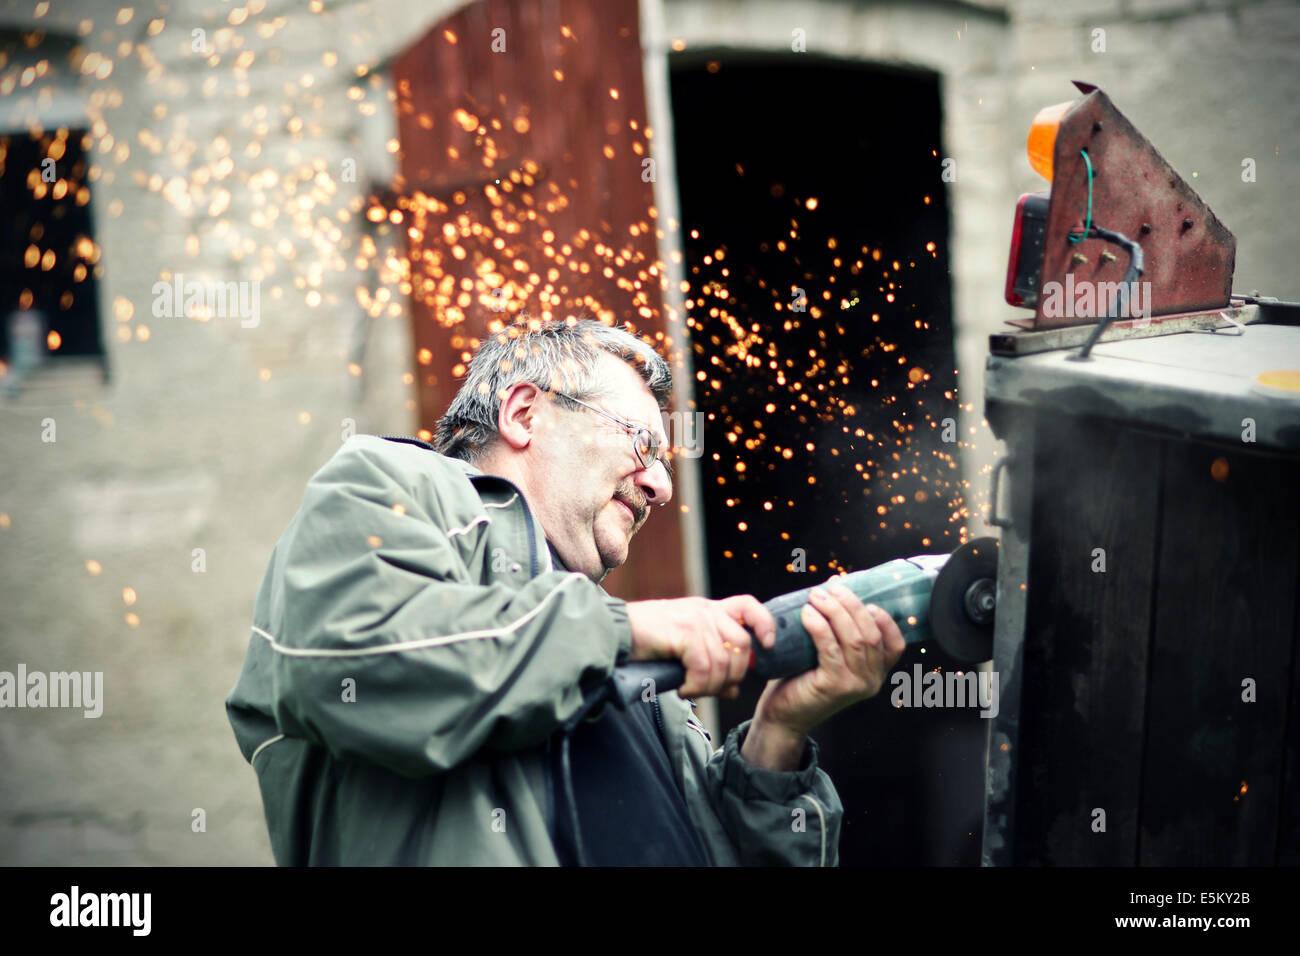 Man at work - Stock Image